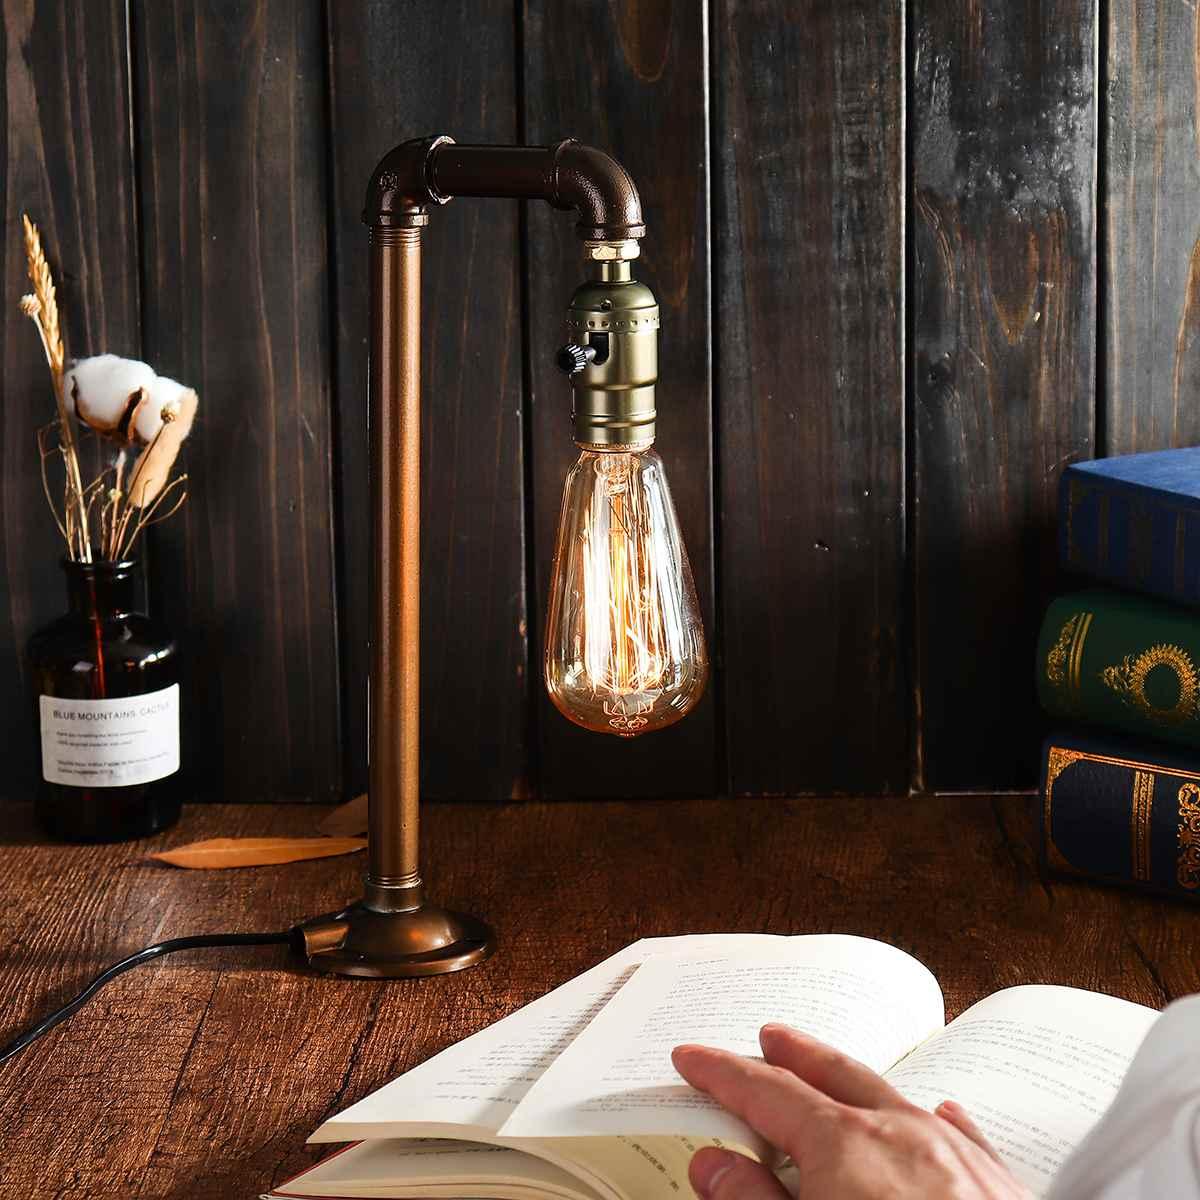 Tubo di acqua Industriale Lampada Da Tavolo E27 Luce di Lampadina Vintage Desk Da Tavolo Lanterna Lampada Apparecchio di Illuminazione Interna Per La Casa Camera Da Letto Decorazione